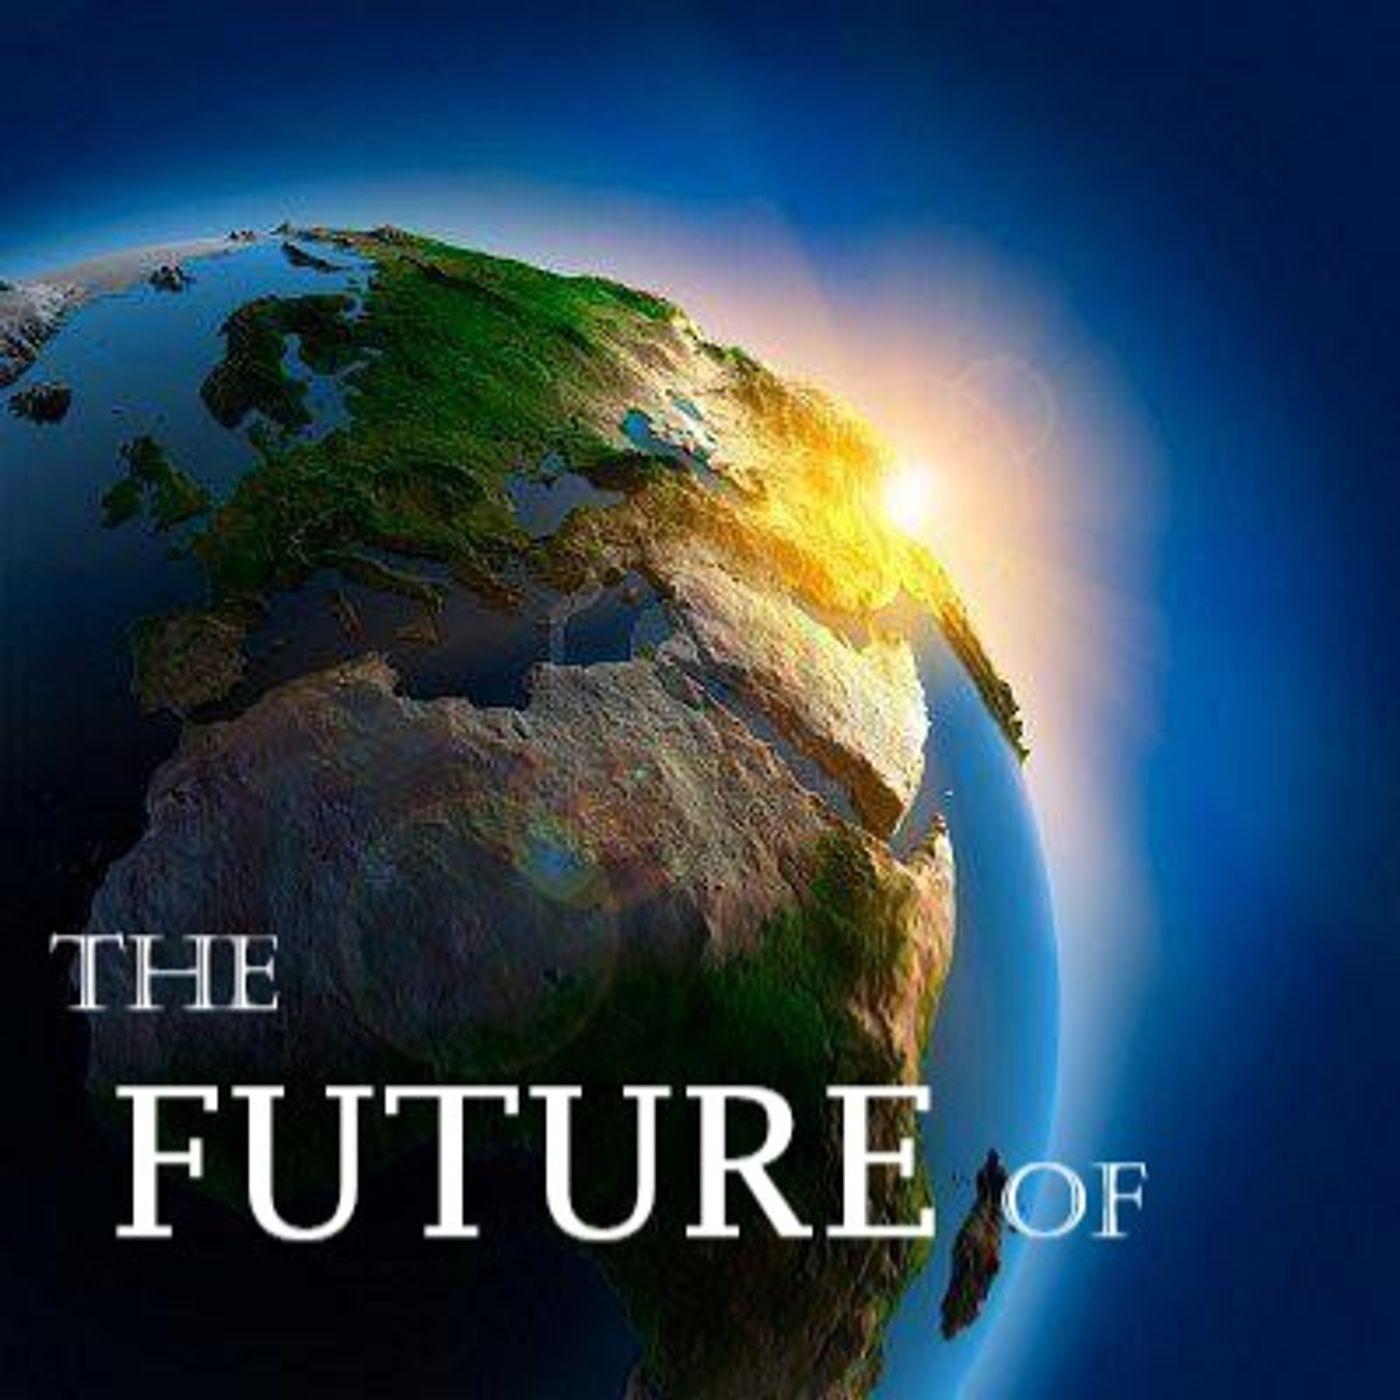 News dal futuro - Coste a rischio, Il ritorno del dirigibile, Moon-buggy, Limiti di età, Impronte molto digitali